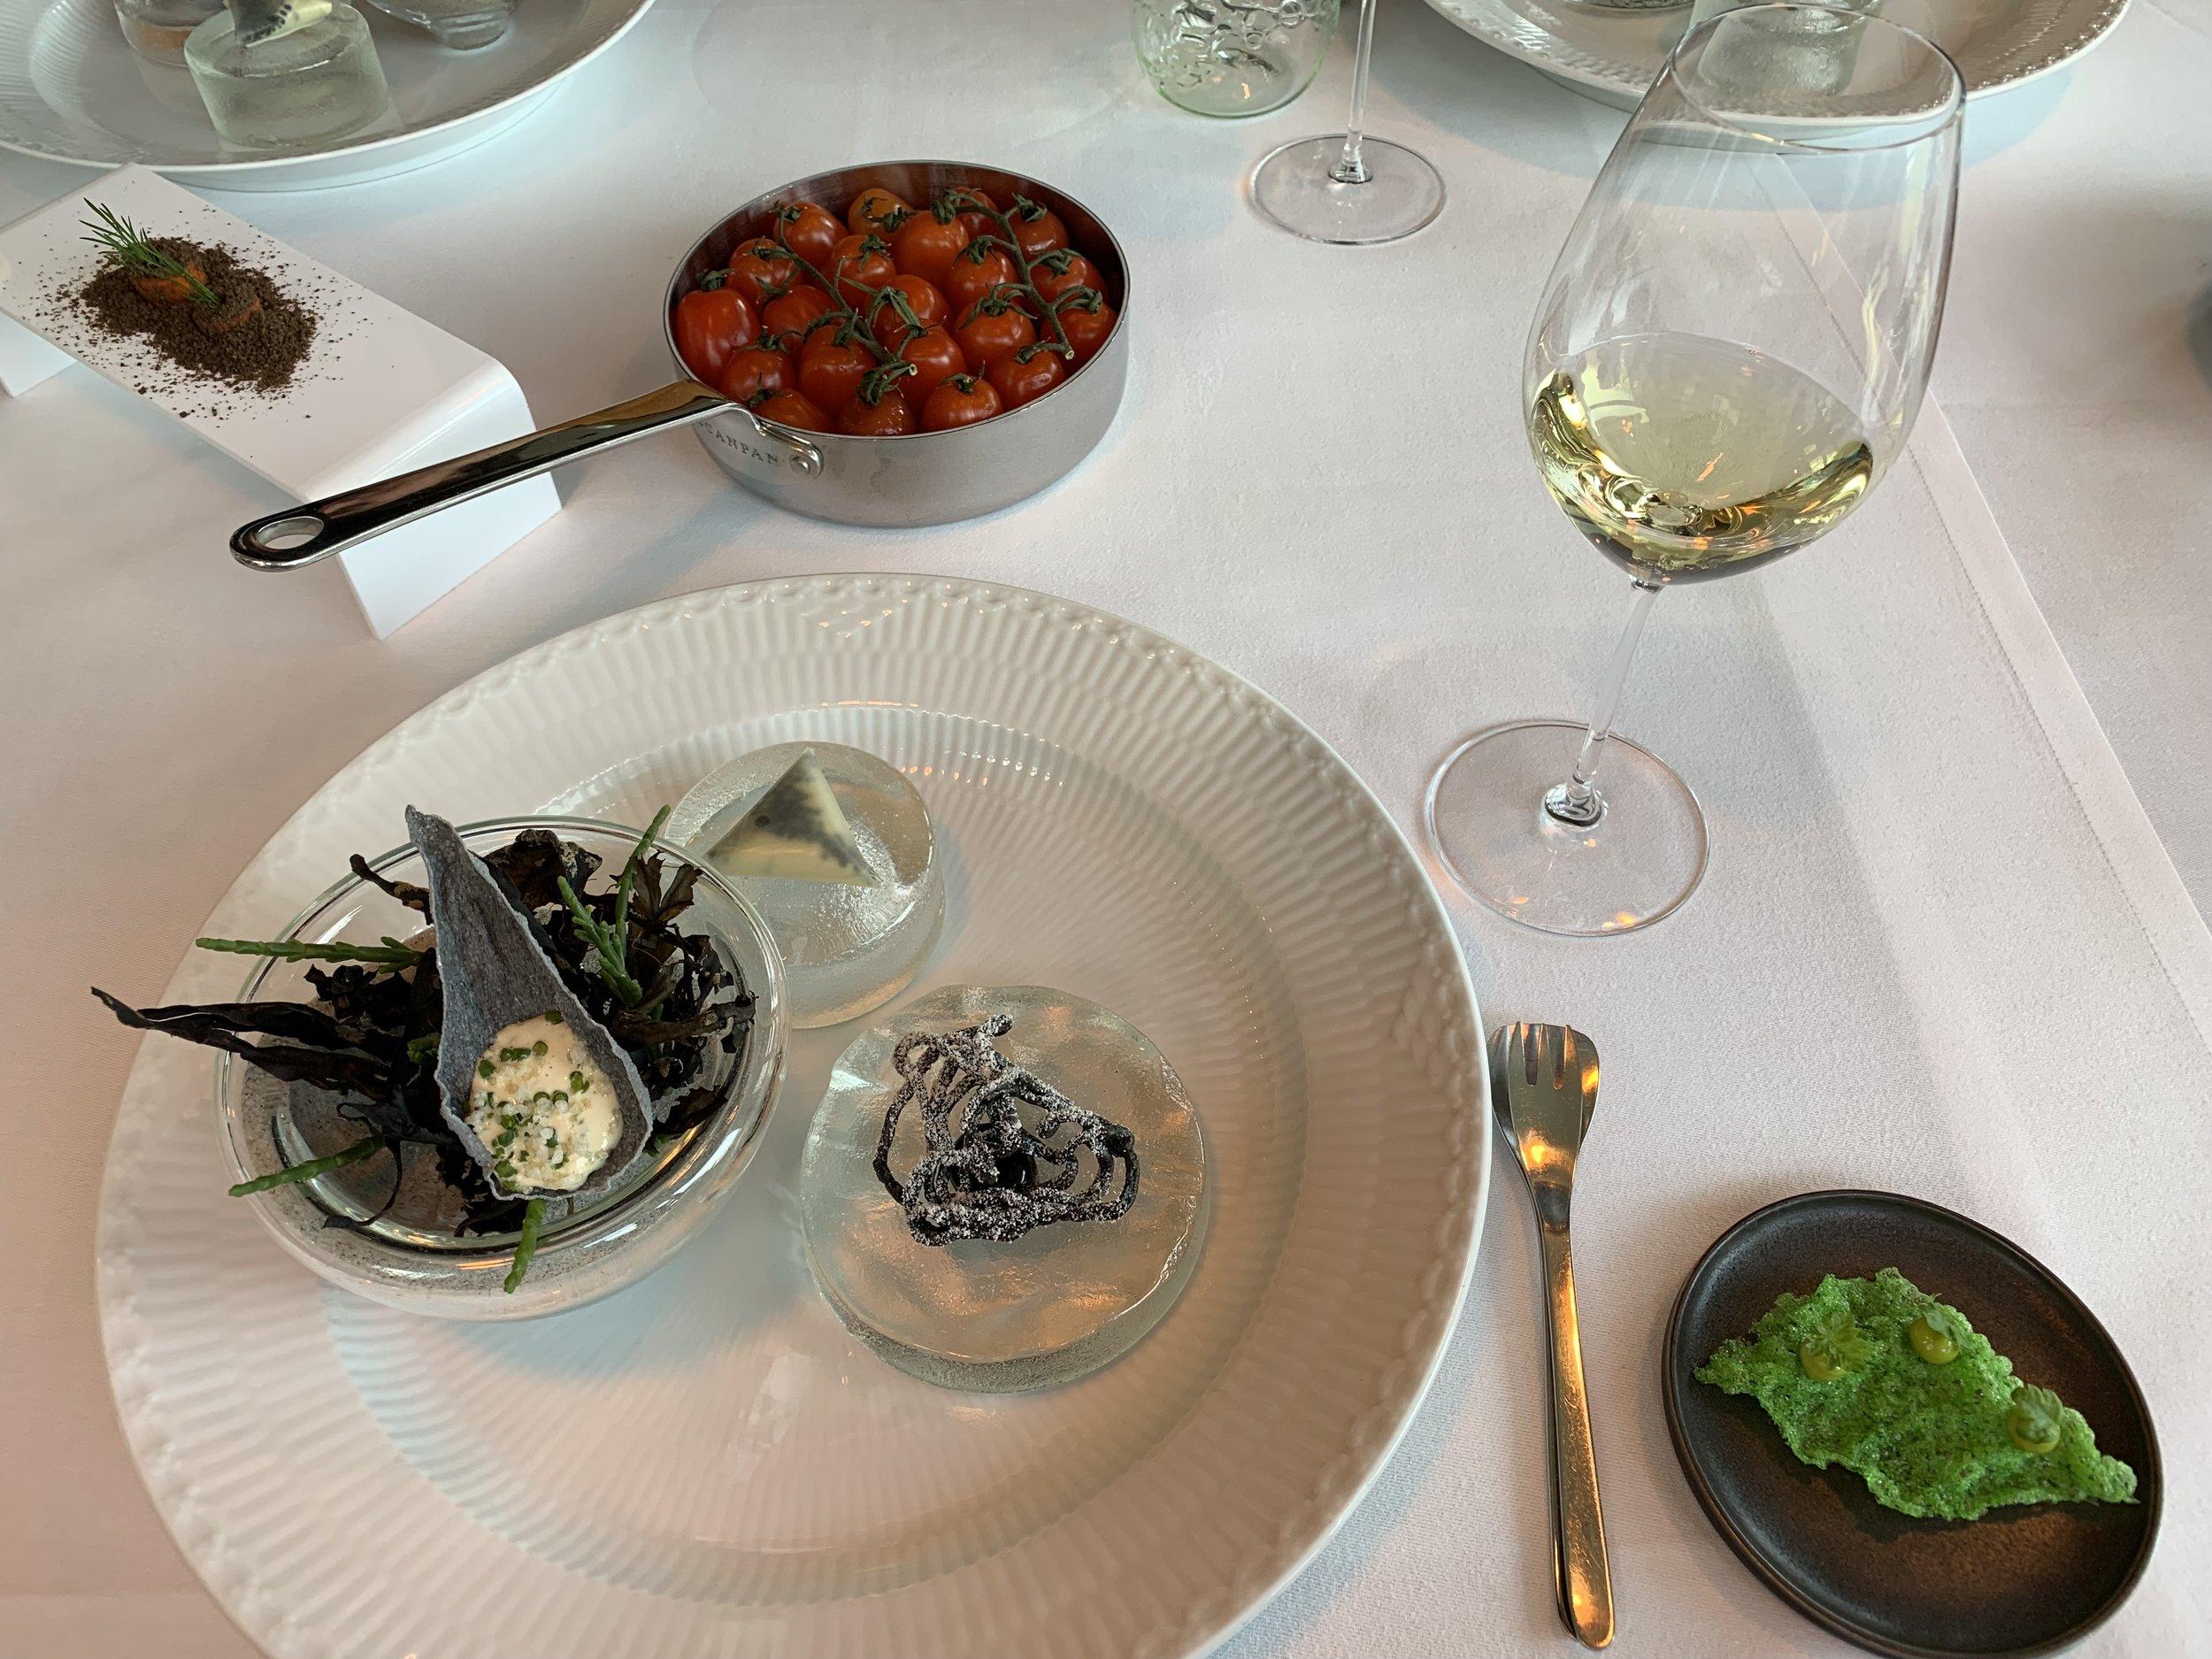 Spektakulære opplevelser. Michelinrestaurantene gir deg noe ekstra. Som her, på Frederikshøj. Foto: Odd Roar Lange